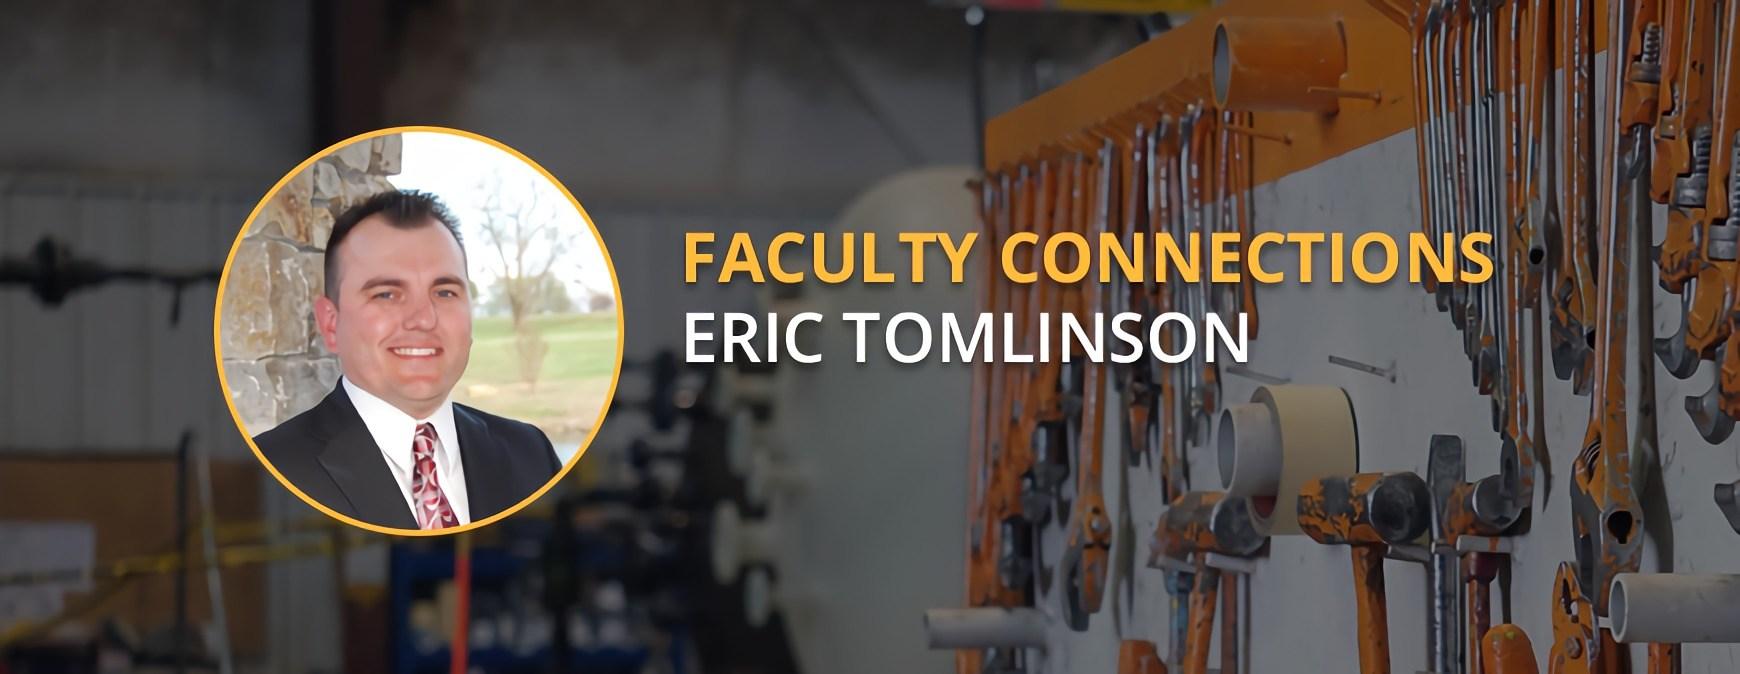 Eric Tomlinson